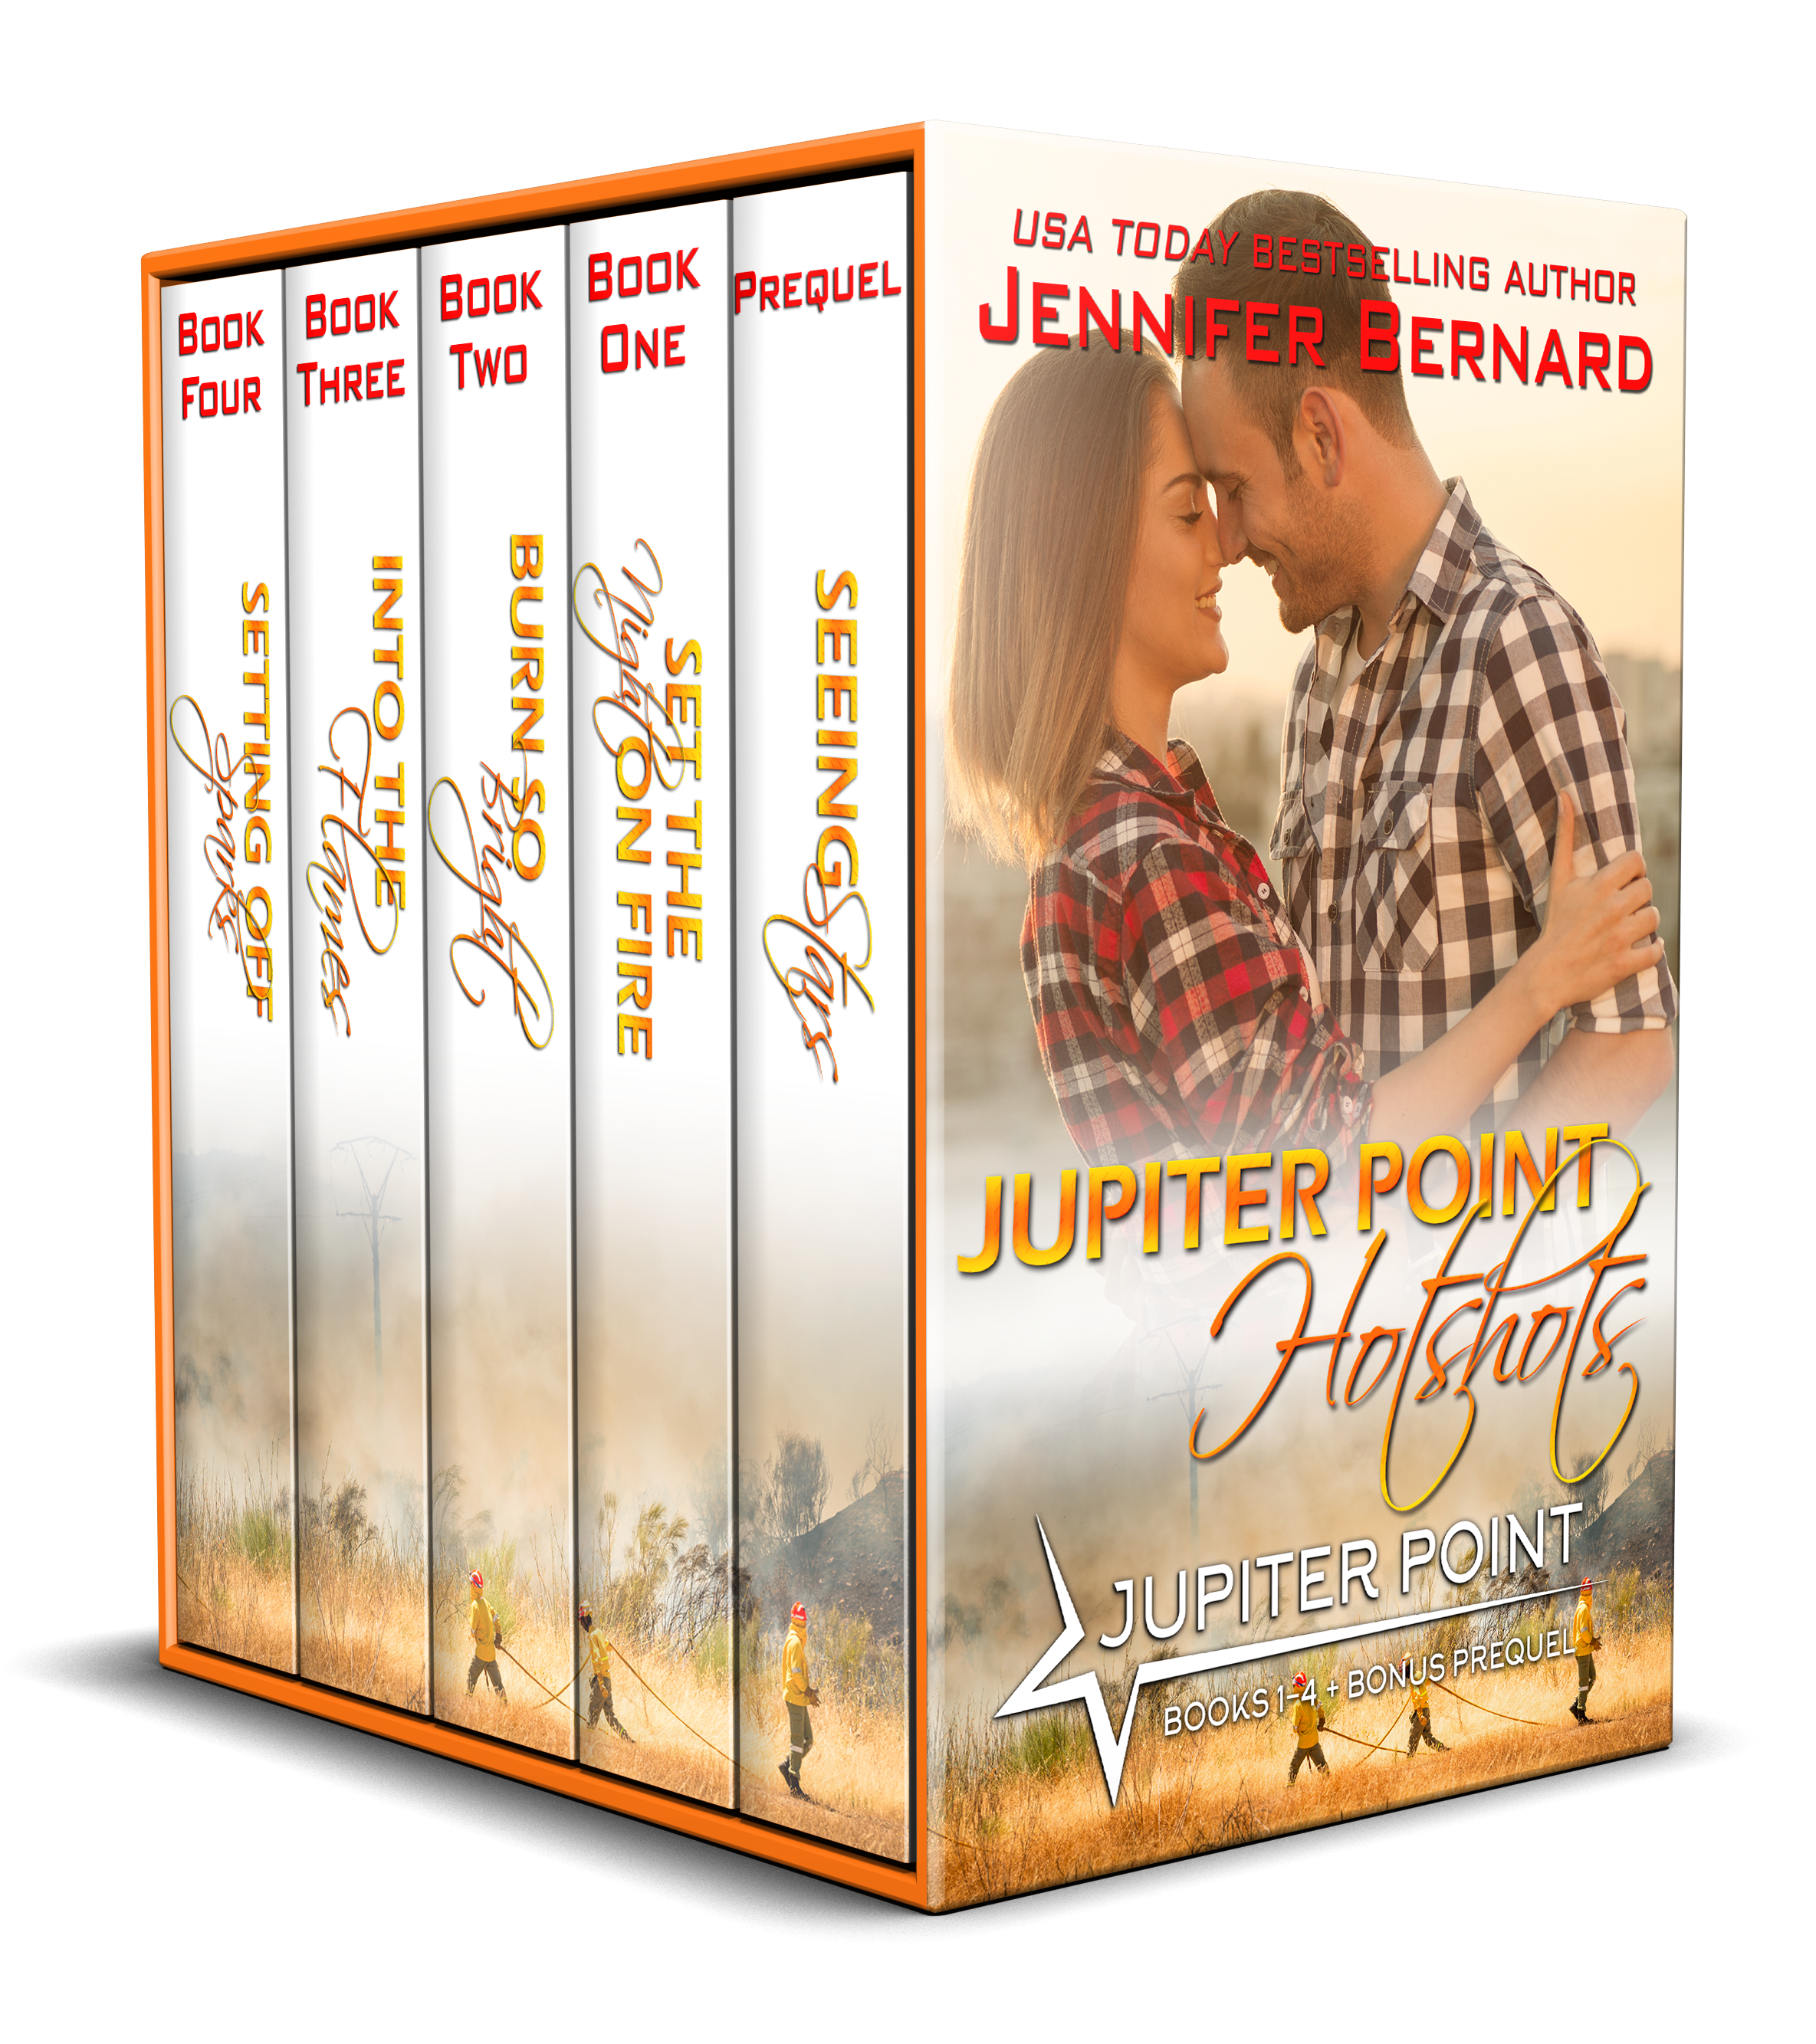 Jupiter Point Hotshots 3D boxed set 1-4 plus prequel.png